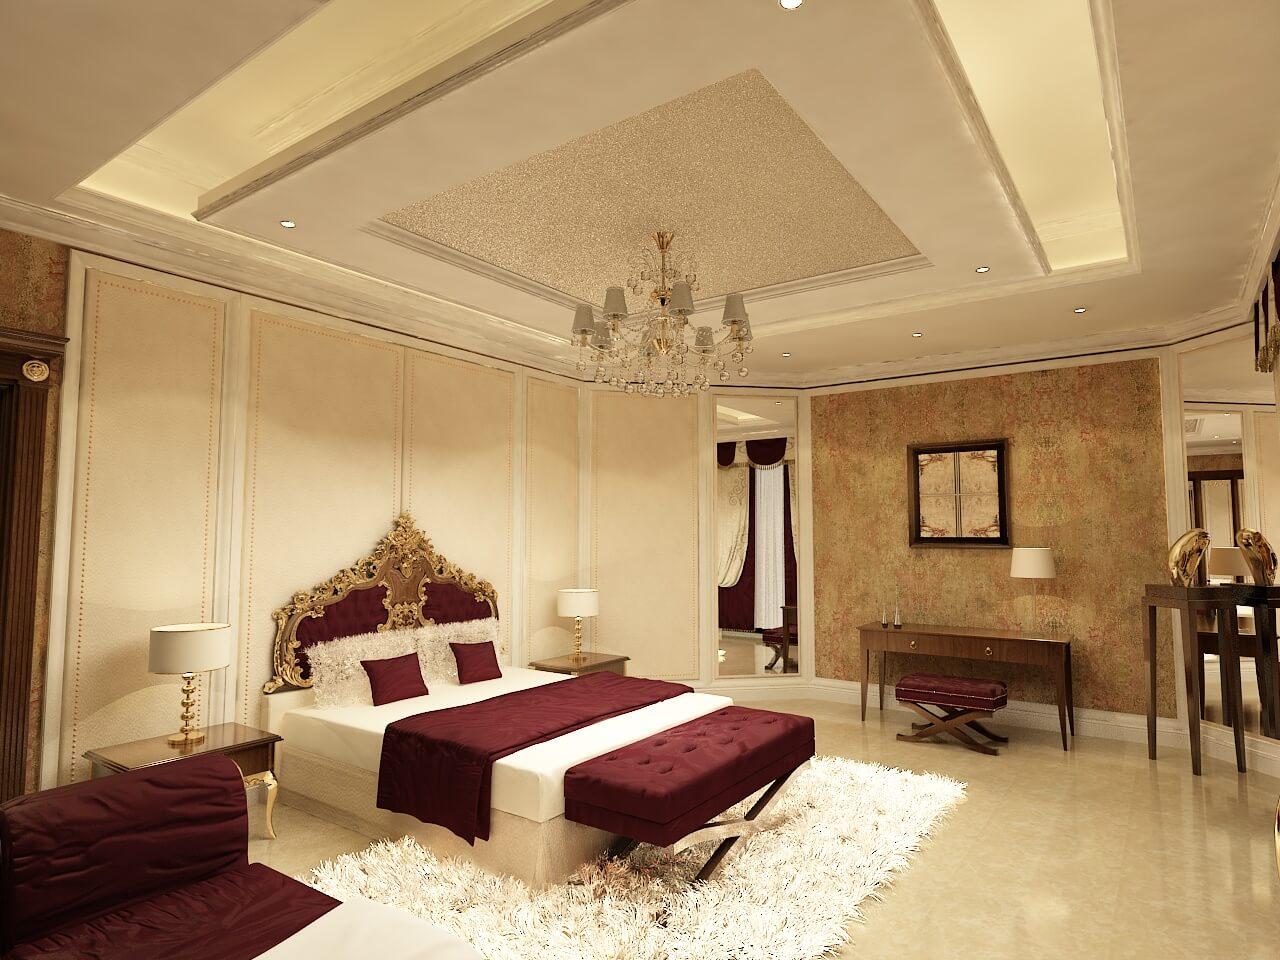 Private Villa, Emirates Hills - 18